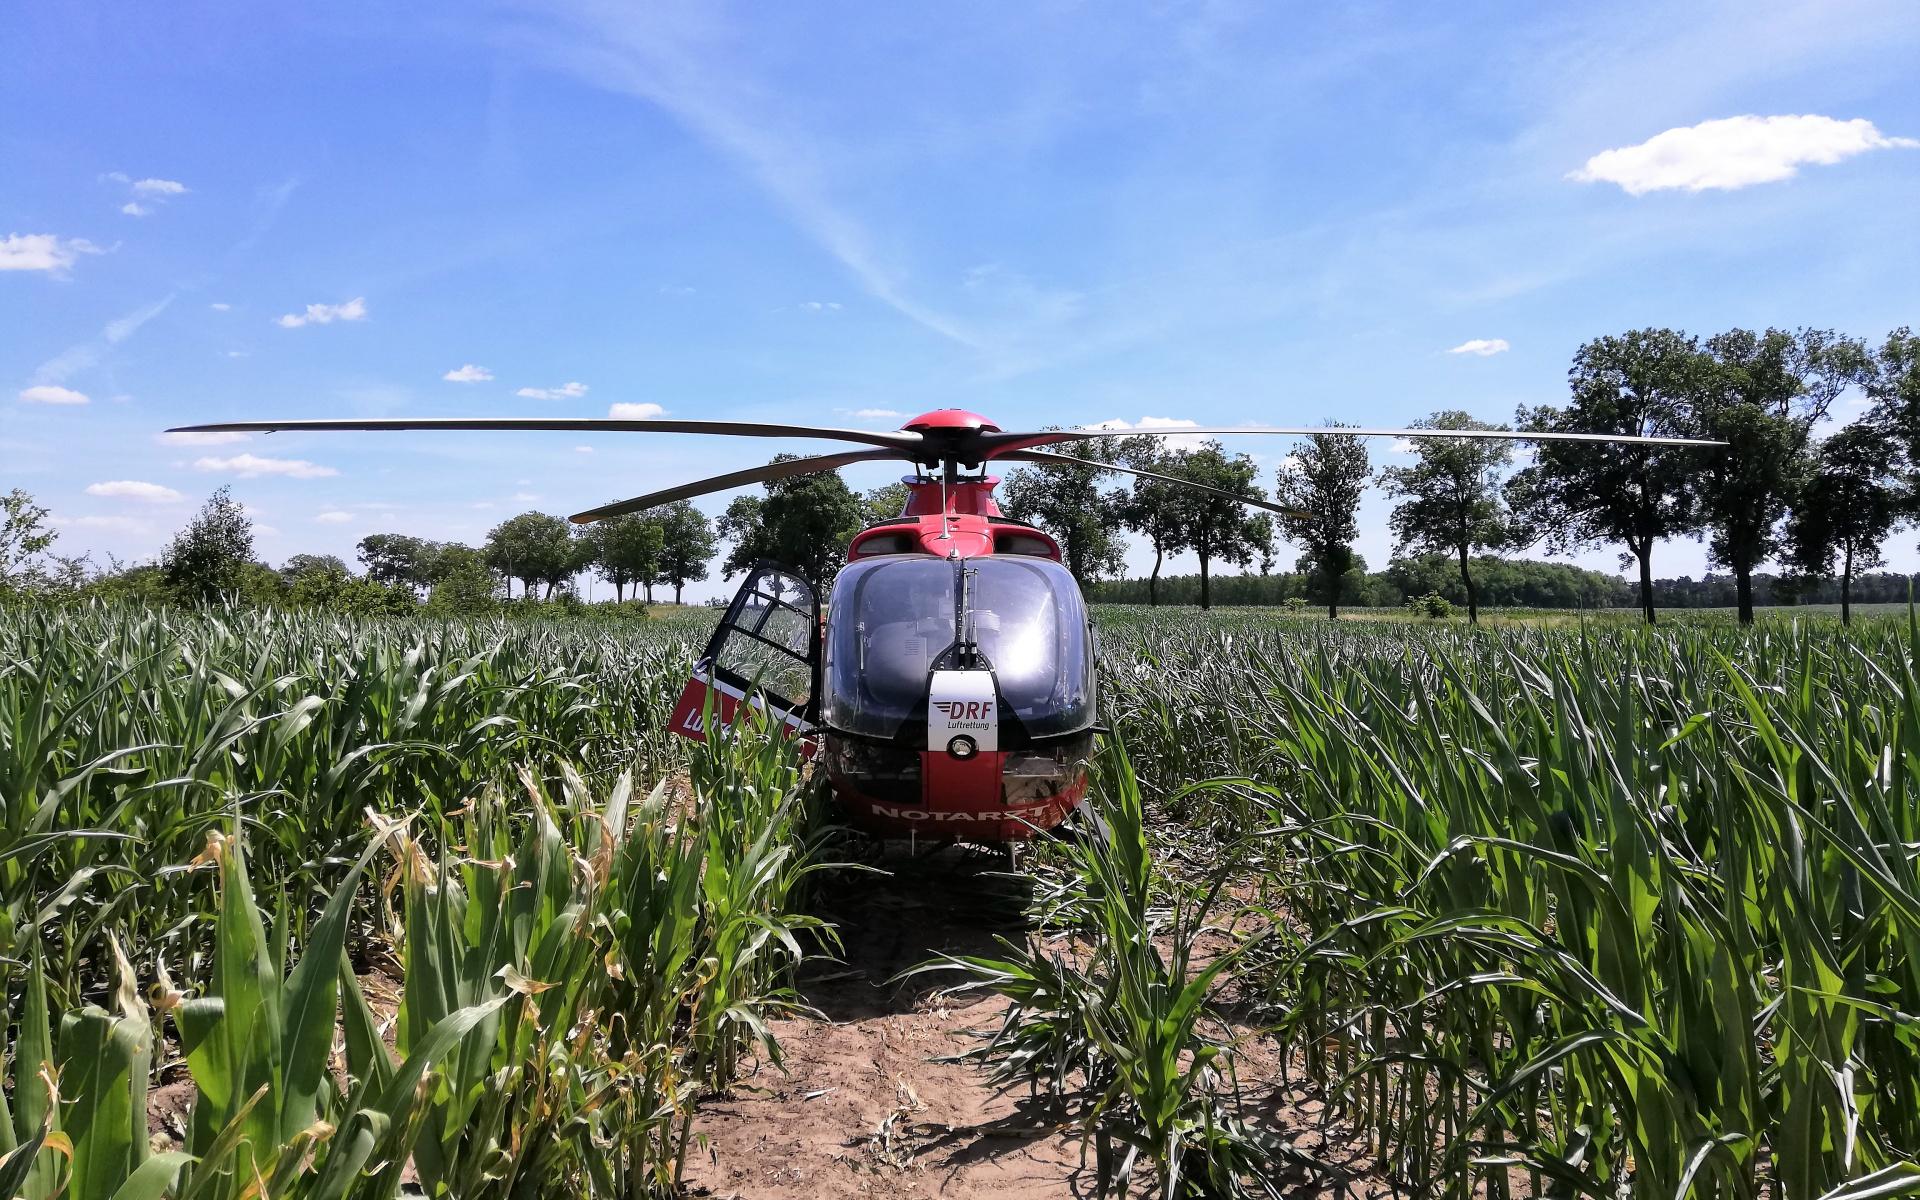 Landung im Maisfeld. Nach dem Aussteigen bahnen sich die Luftretter den Weg durch das Getreide und eine Dornenhecke. Dann erreichen sie das Unfallopfer und stabilisieren es routiniert.